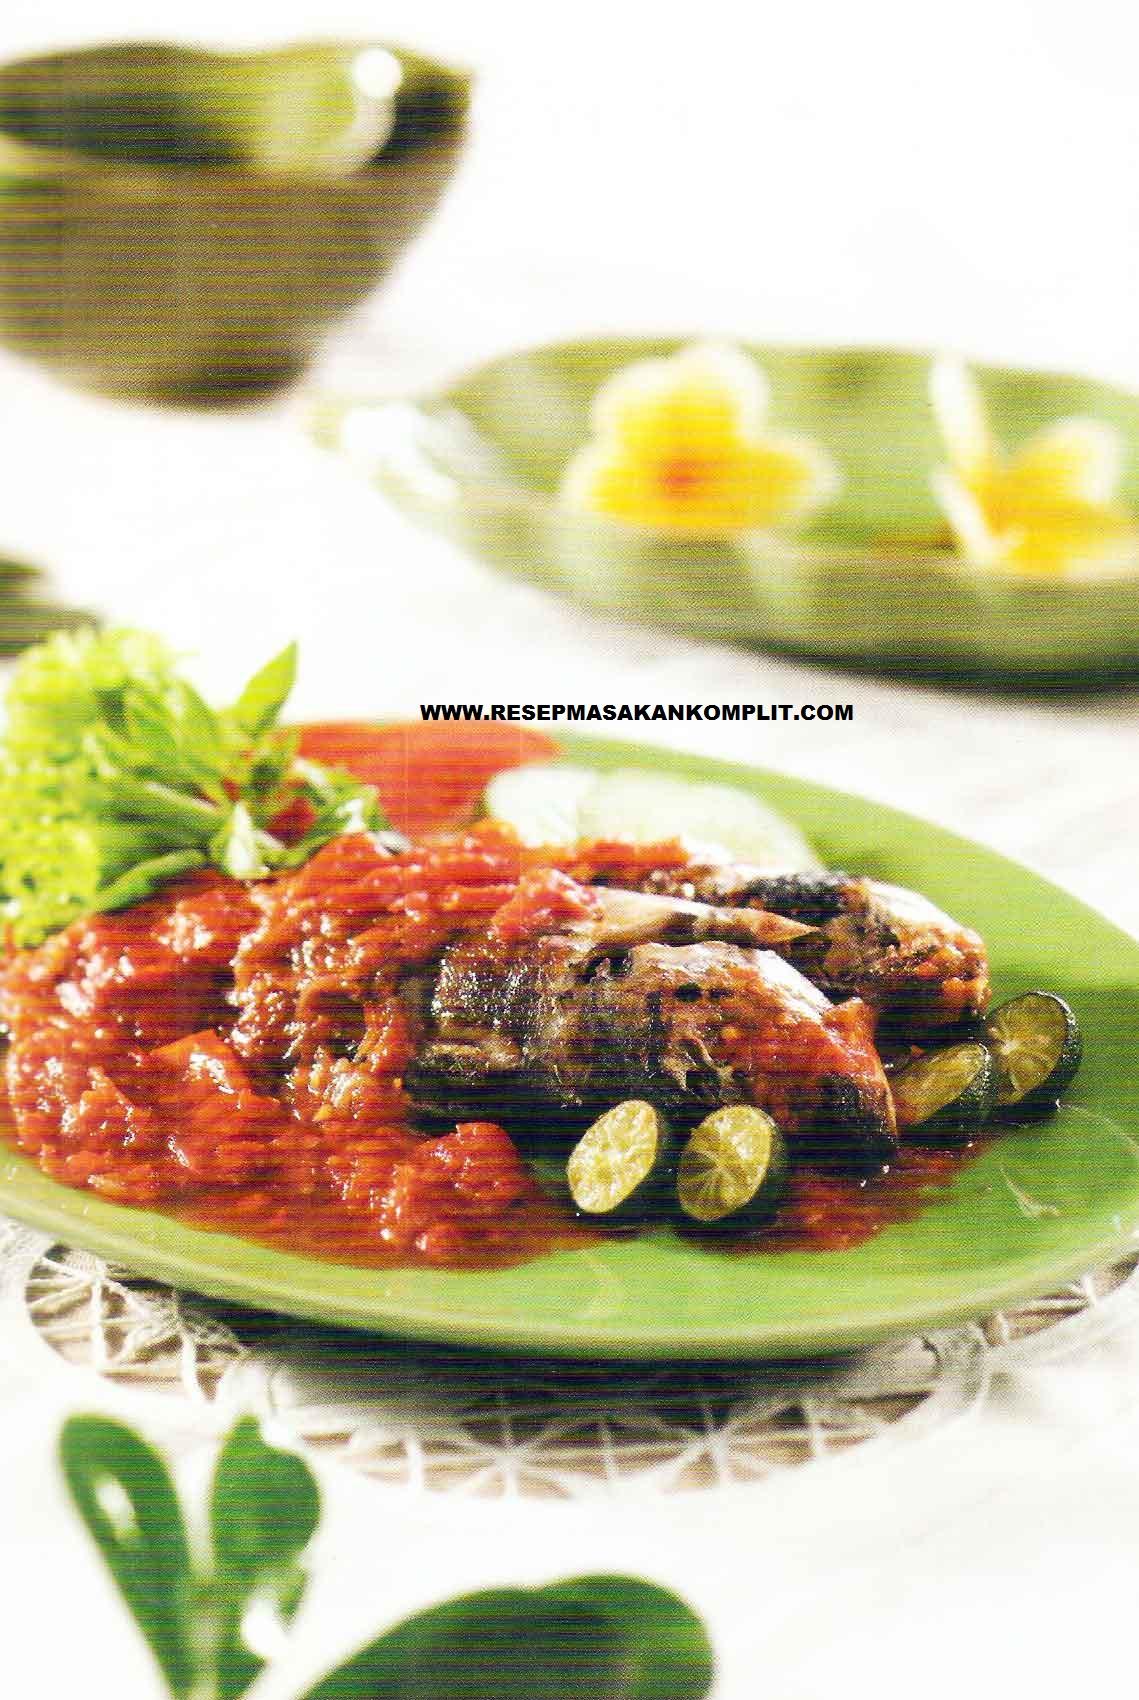 Resep Ikan Kembung Sambal Tomat